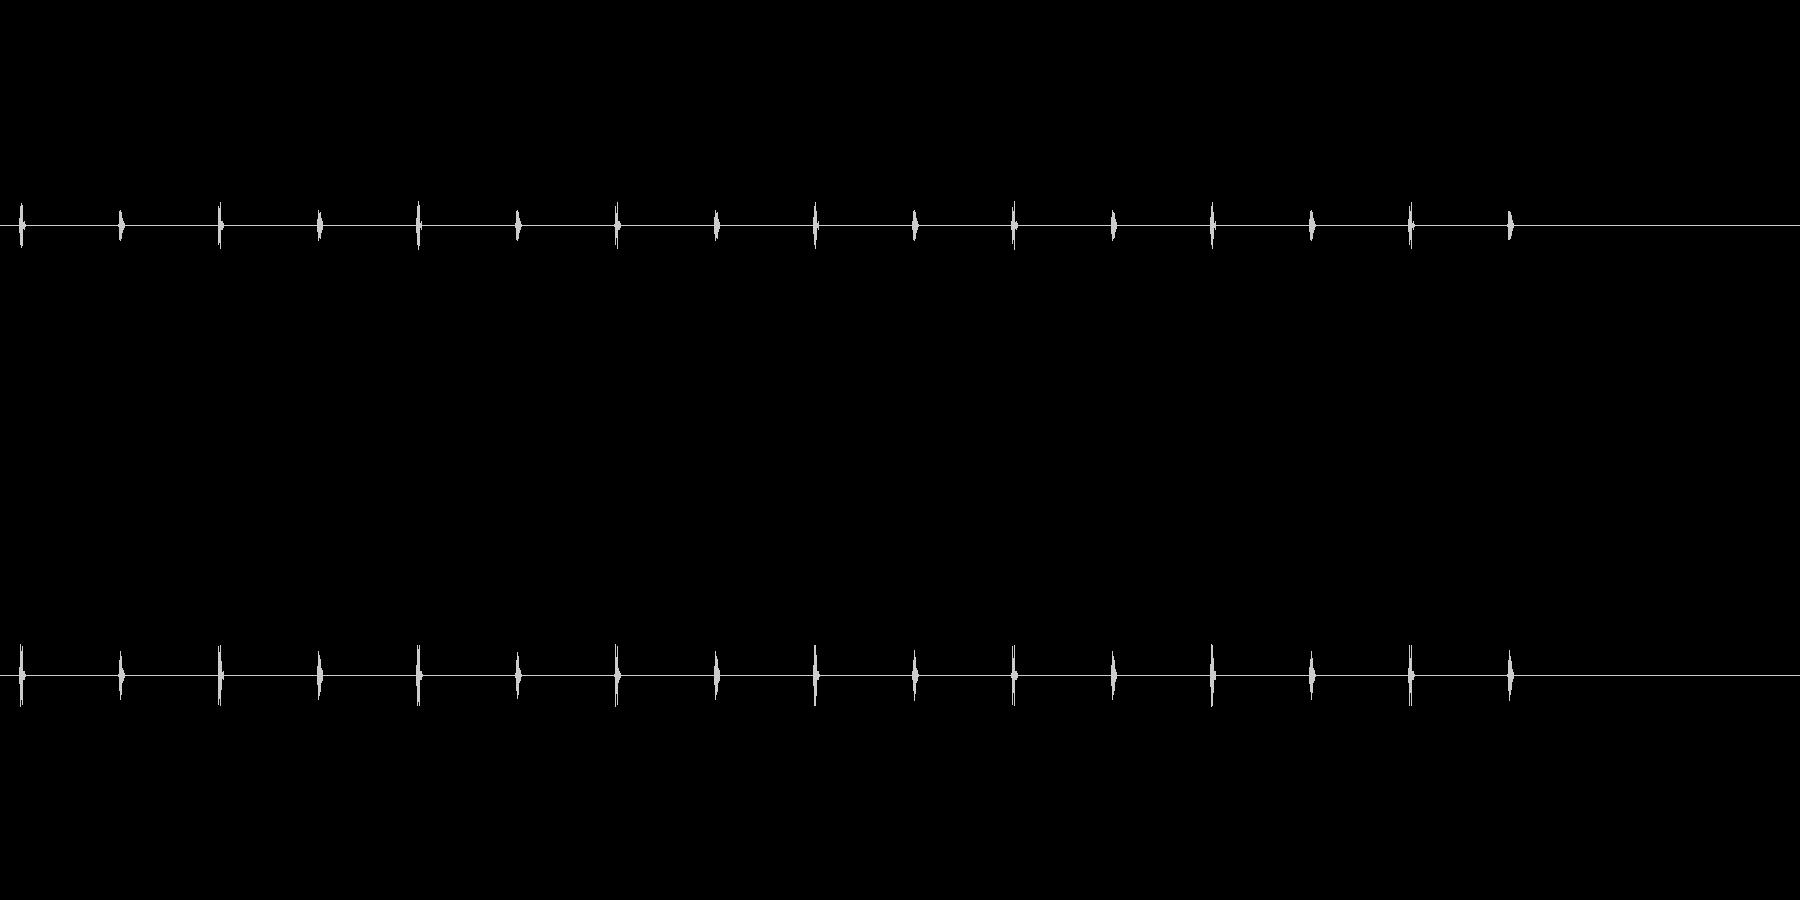 カチカチ音をたてるタイマータイプ1...の未再生の波形